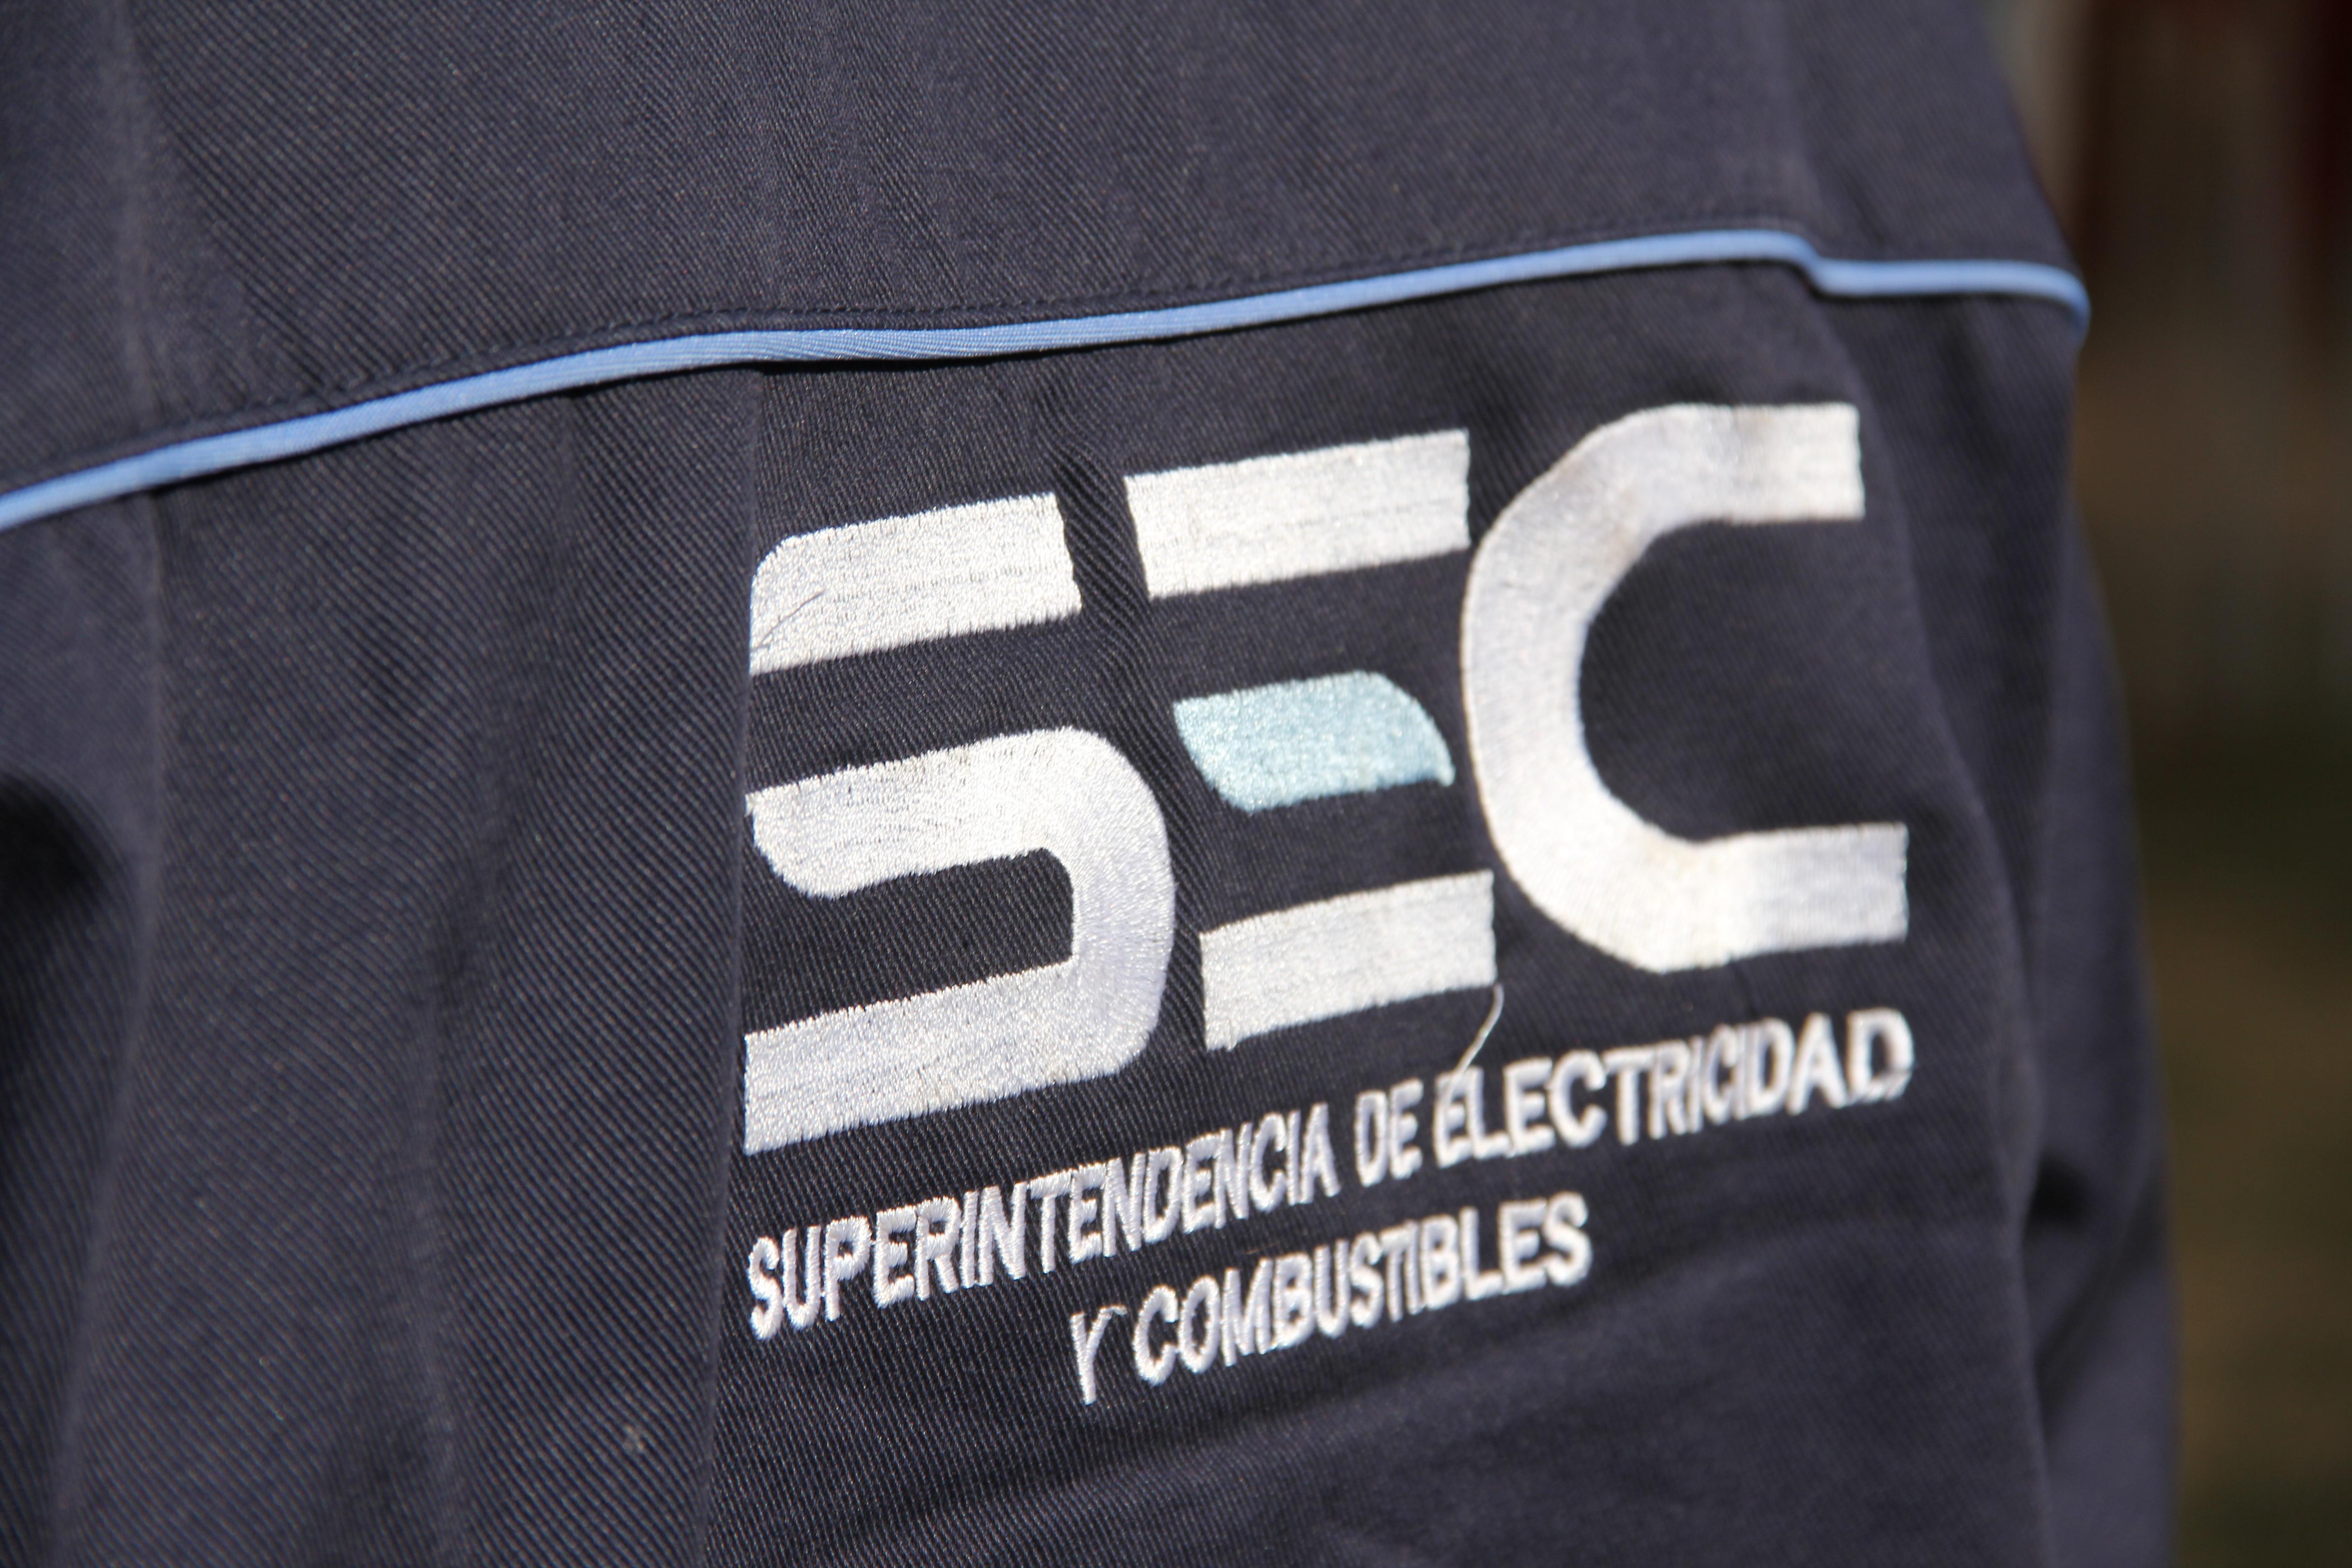 SEC O'Higgins inicia investigación tras corte de luz que afectó a 12 comunas de la región